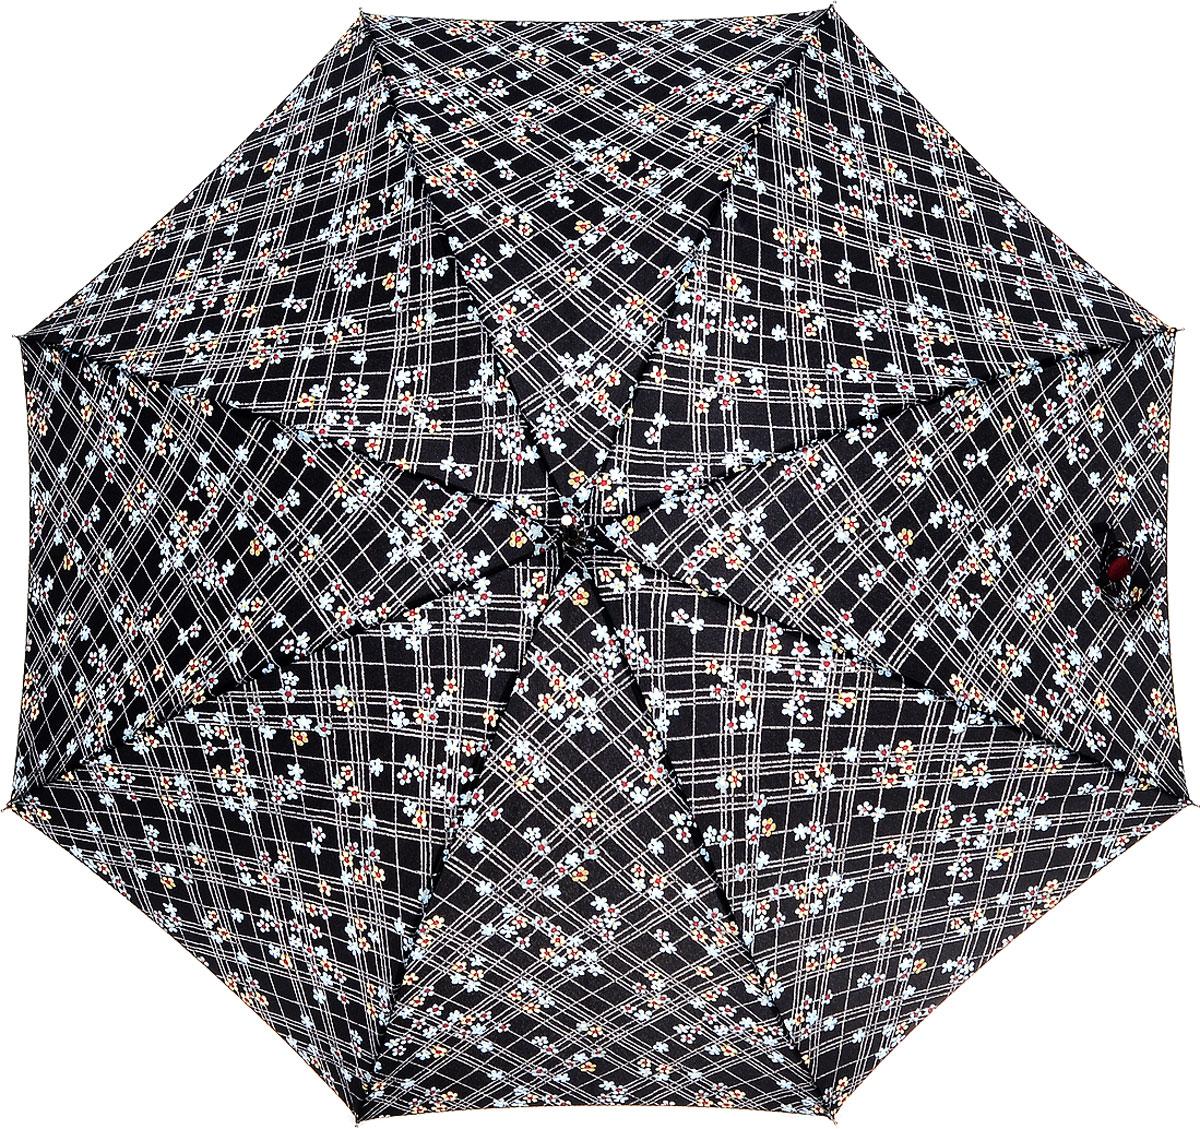 Зонт-трость женский Fulton Eliza, механический, цвет: черный, темно-сиреневый. L600-2633L600-2633 CheckFloralМодный механический зонт-трость Fulton Eliza даже в ненастную погоду позволит вам оставаться стильной и элегантной. Каркас зонта включает 8 спиц из фибергласса. Стержень изготовлен из стали. Купол зонта выполнен из прочного полиэстера и оформлен принтом в клетку и цветочным принтом. Изделие дополнено удобной пластиковой рукояткой, обтянутой натуральной кожей. Зонт механического сложения: купол открывается и закрывается вручную до характерного щелчка. Модель застегивается с помощью хлястика на липучку, который украшен декоративной яркой пуговицей. Такой зонт не только надежно защитит вас от дождя, но и станет стильным аксессуаром, который идеально подчеркнет ваш неповторимый образ.